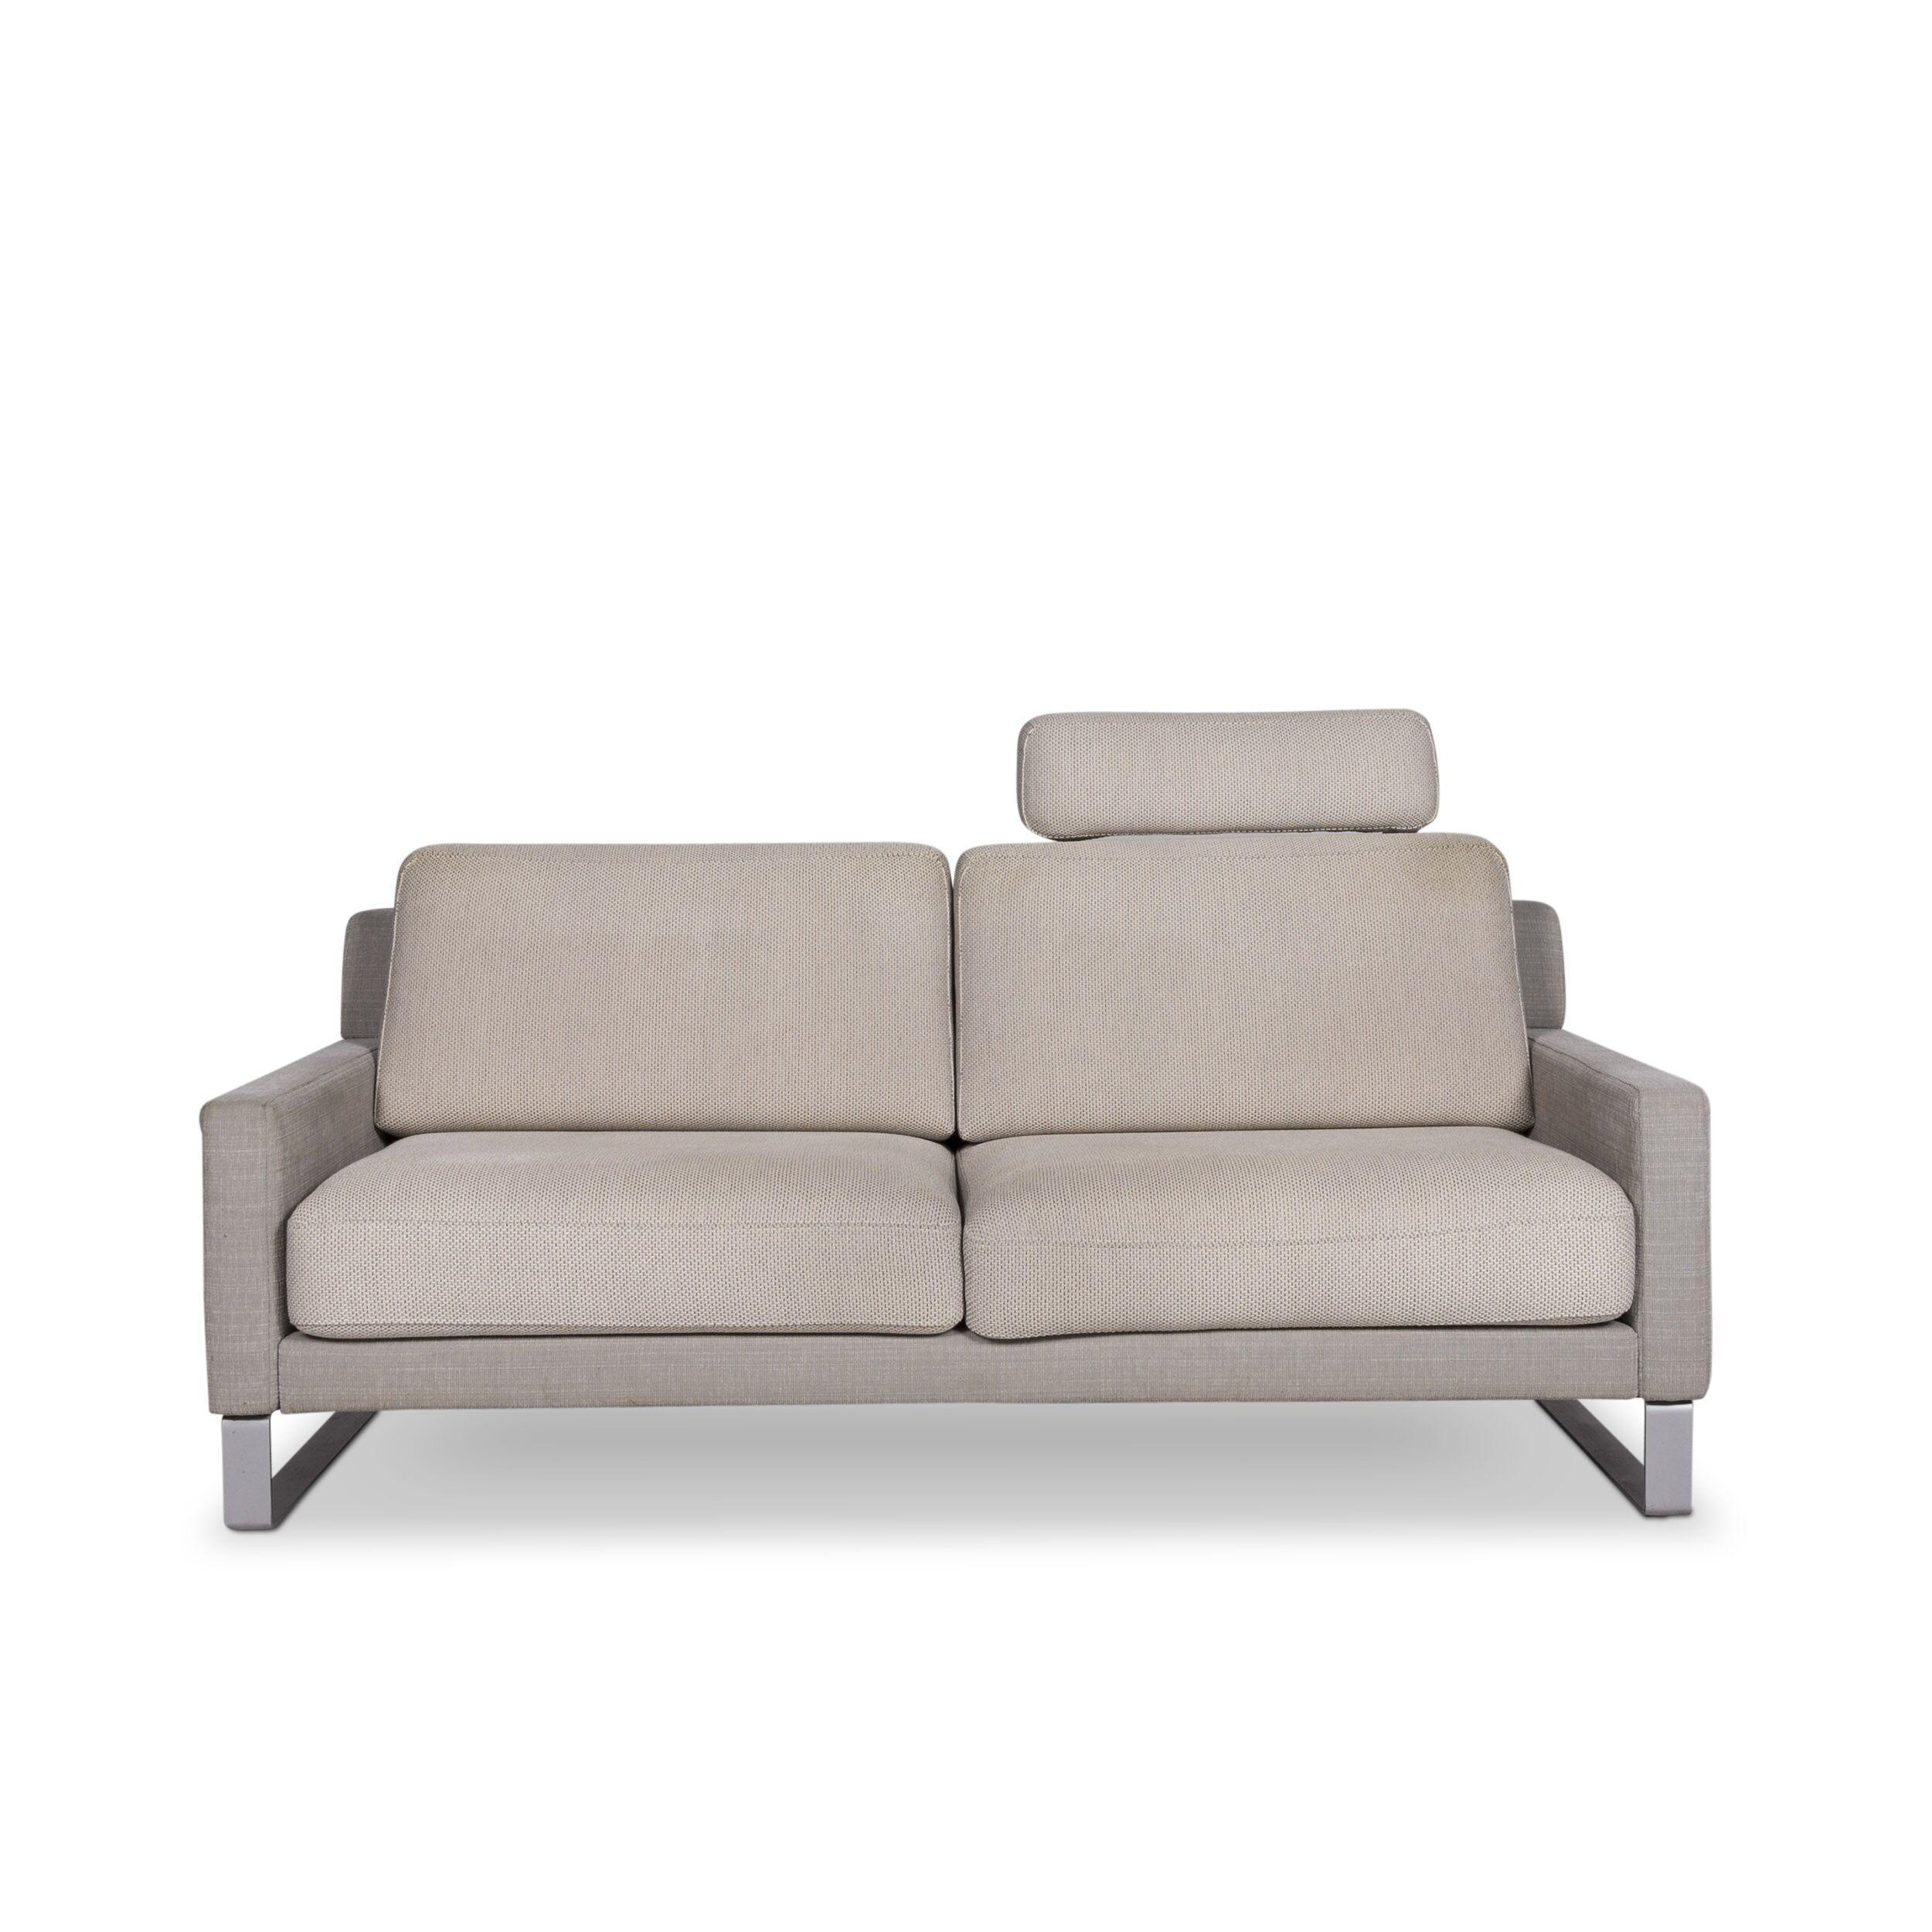 Sofa Gebraucht Kaufen Sofort Verfugbar Page 2 Of 15 Revive Interior Sofa Stoff Sofa Wolle Kaufen